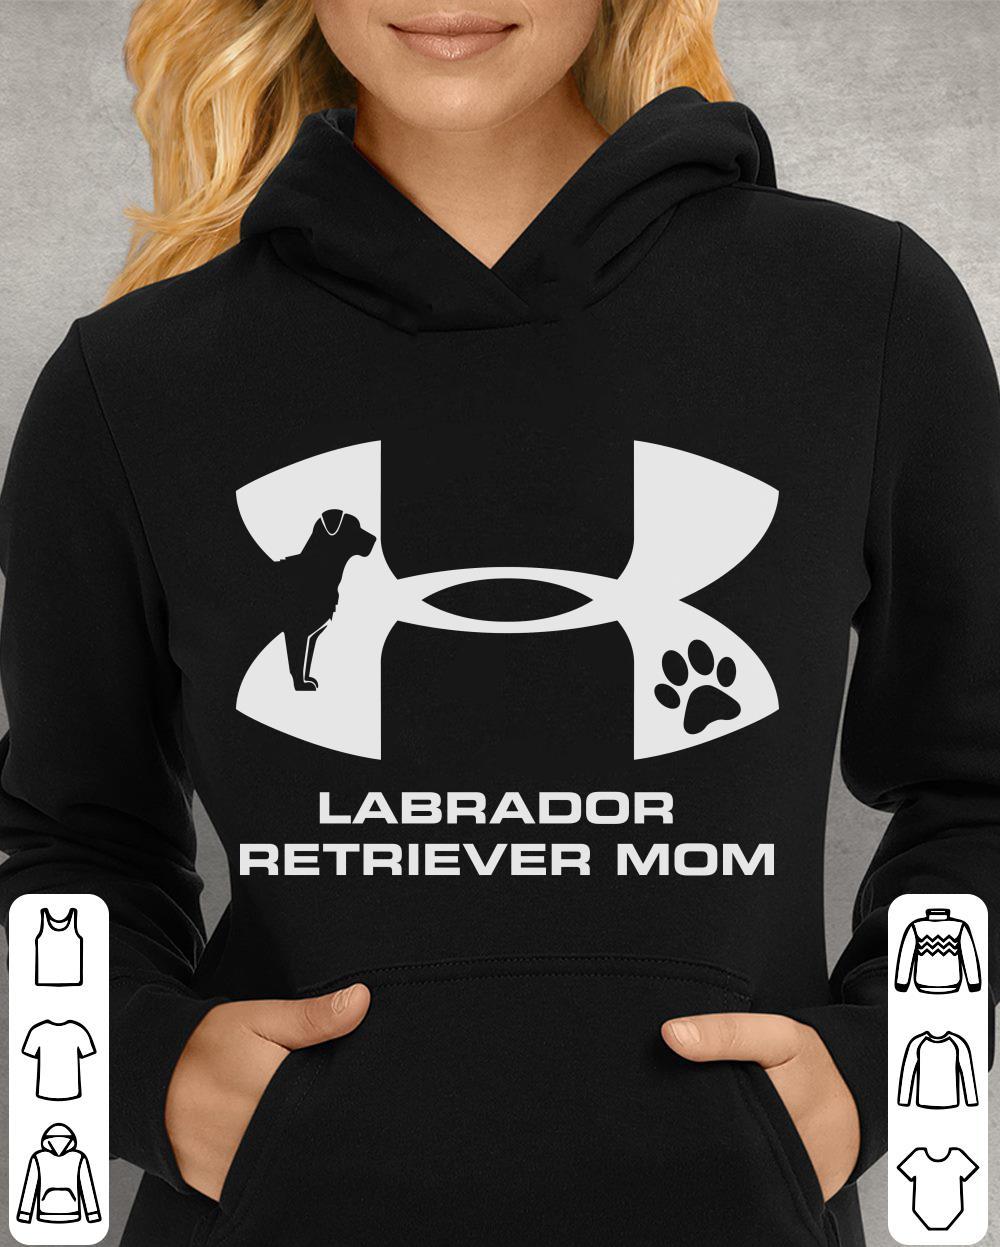 https://unicornshirts.net/images/2018/11/Under-Armour-Labrador-Retriever-Mom-shirt_4.jpg